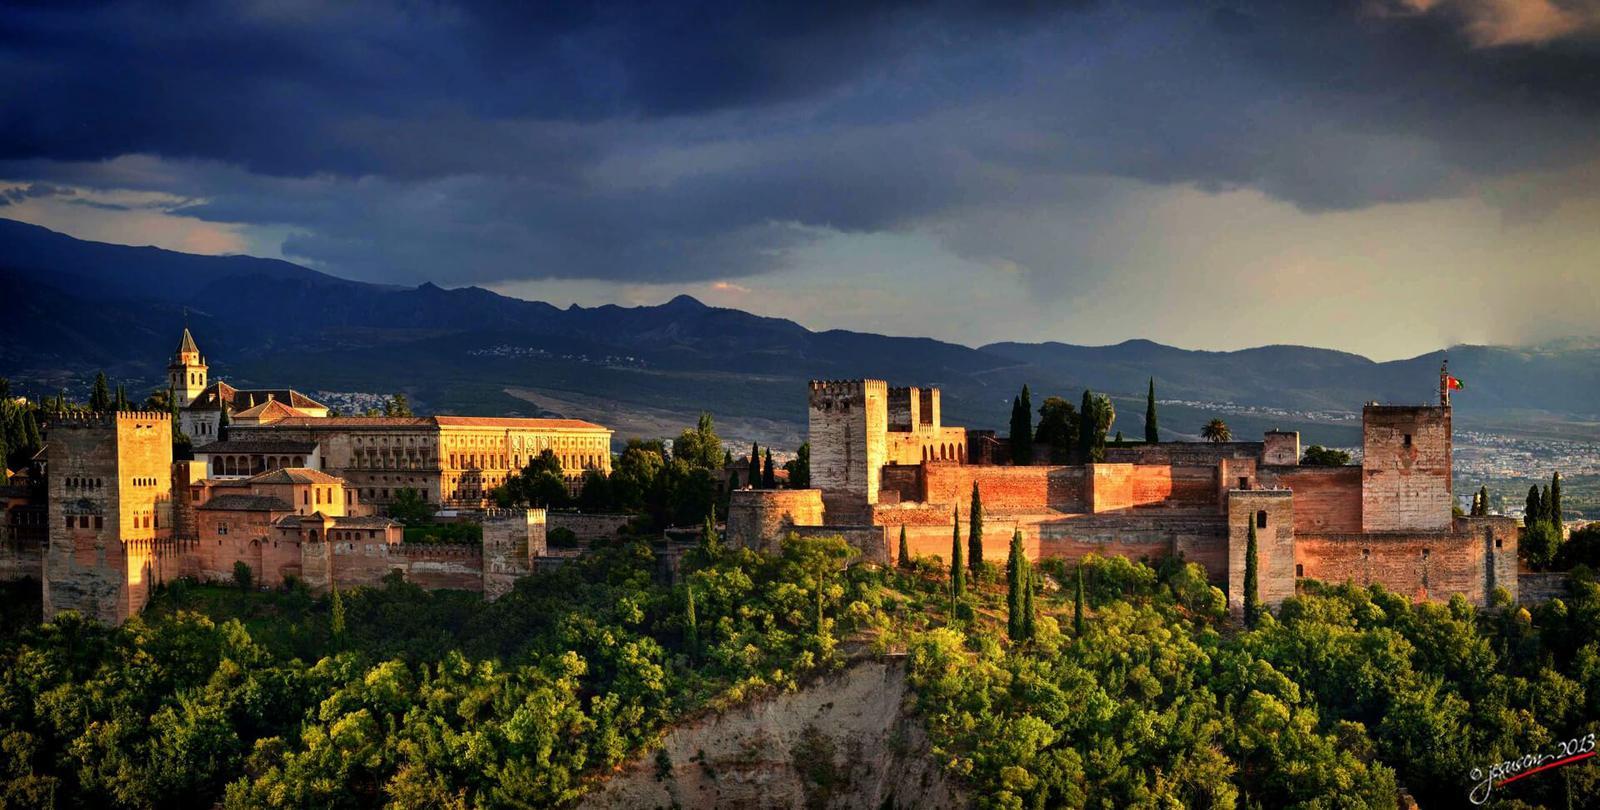 puesta de sol Atardecer en La Alhambra de Granada